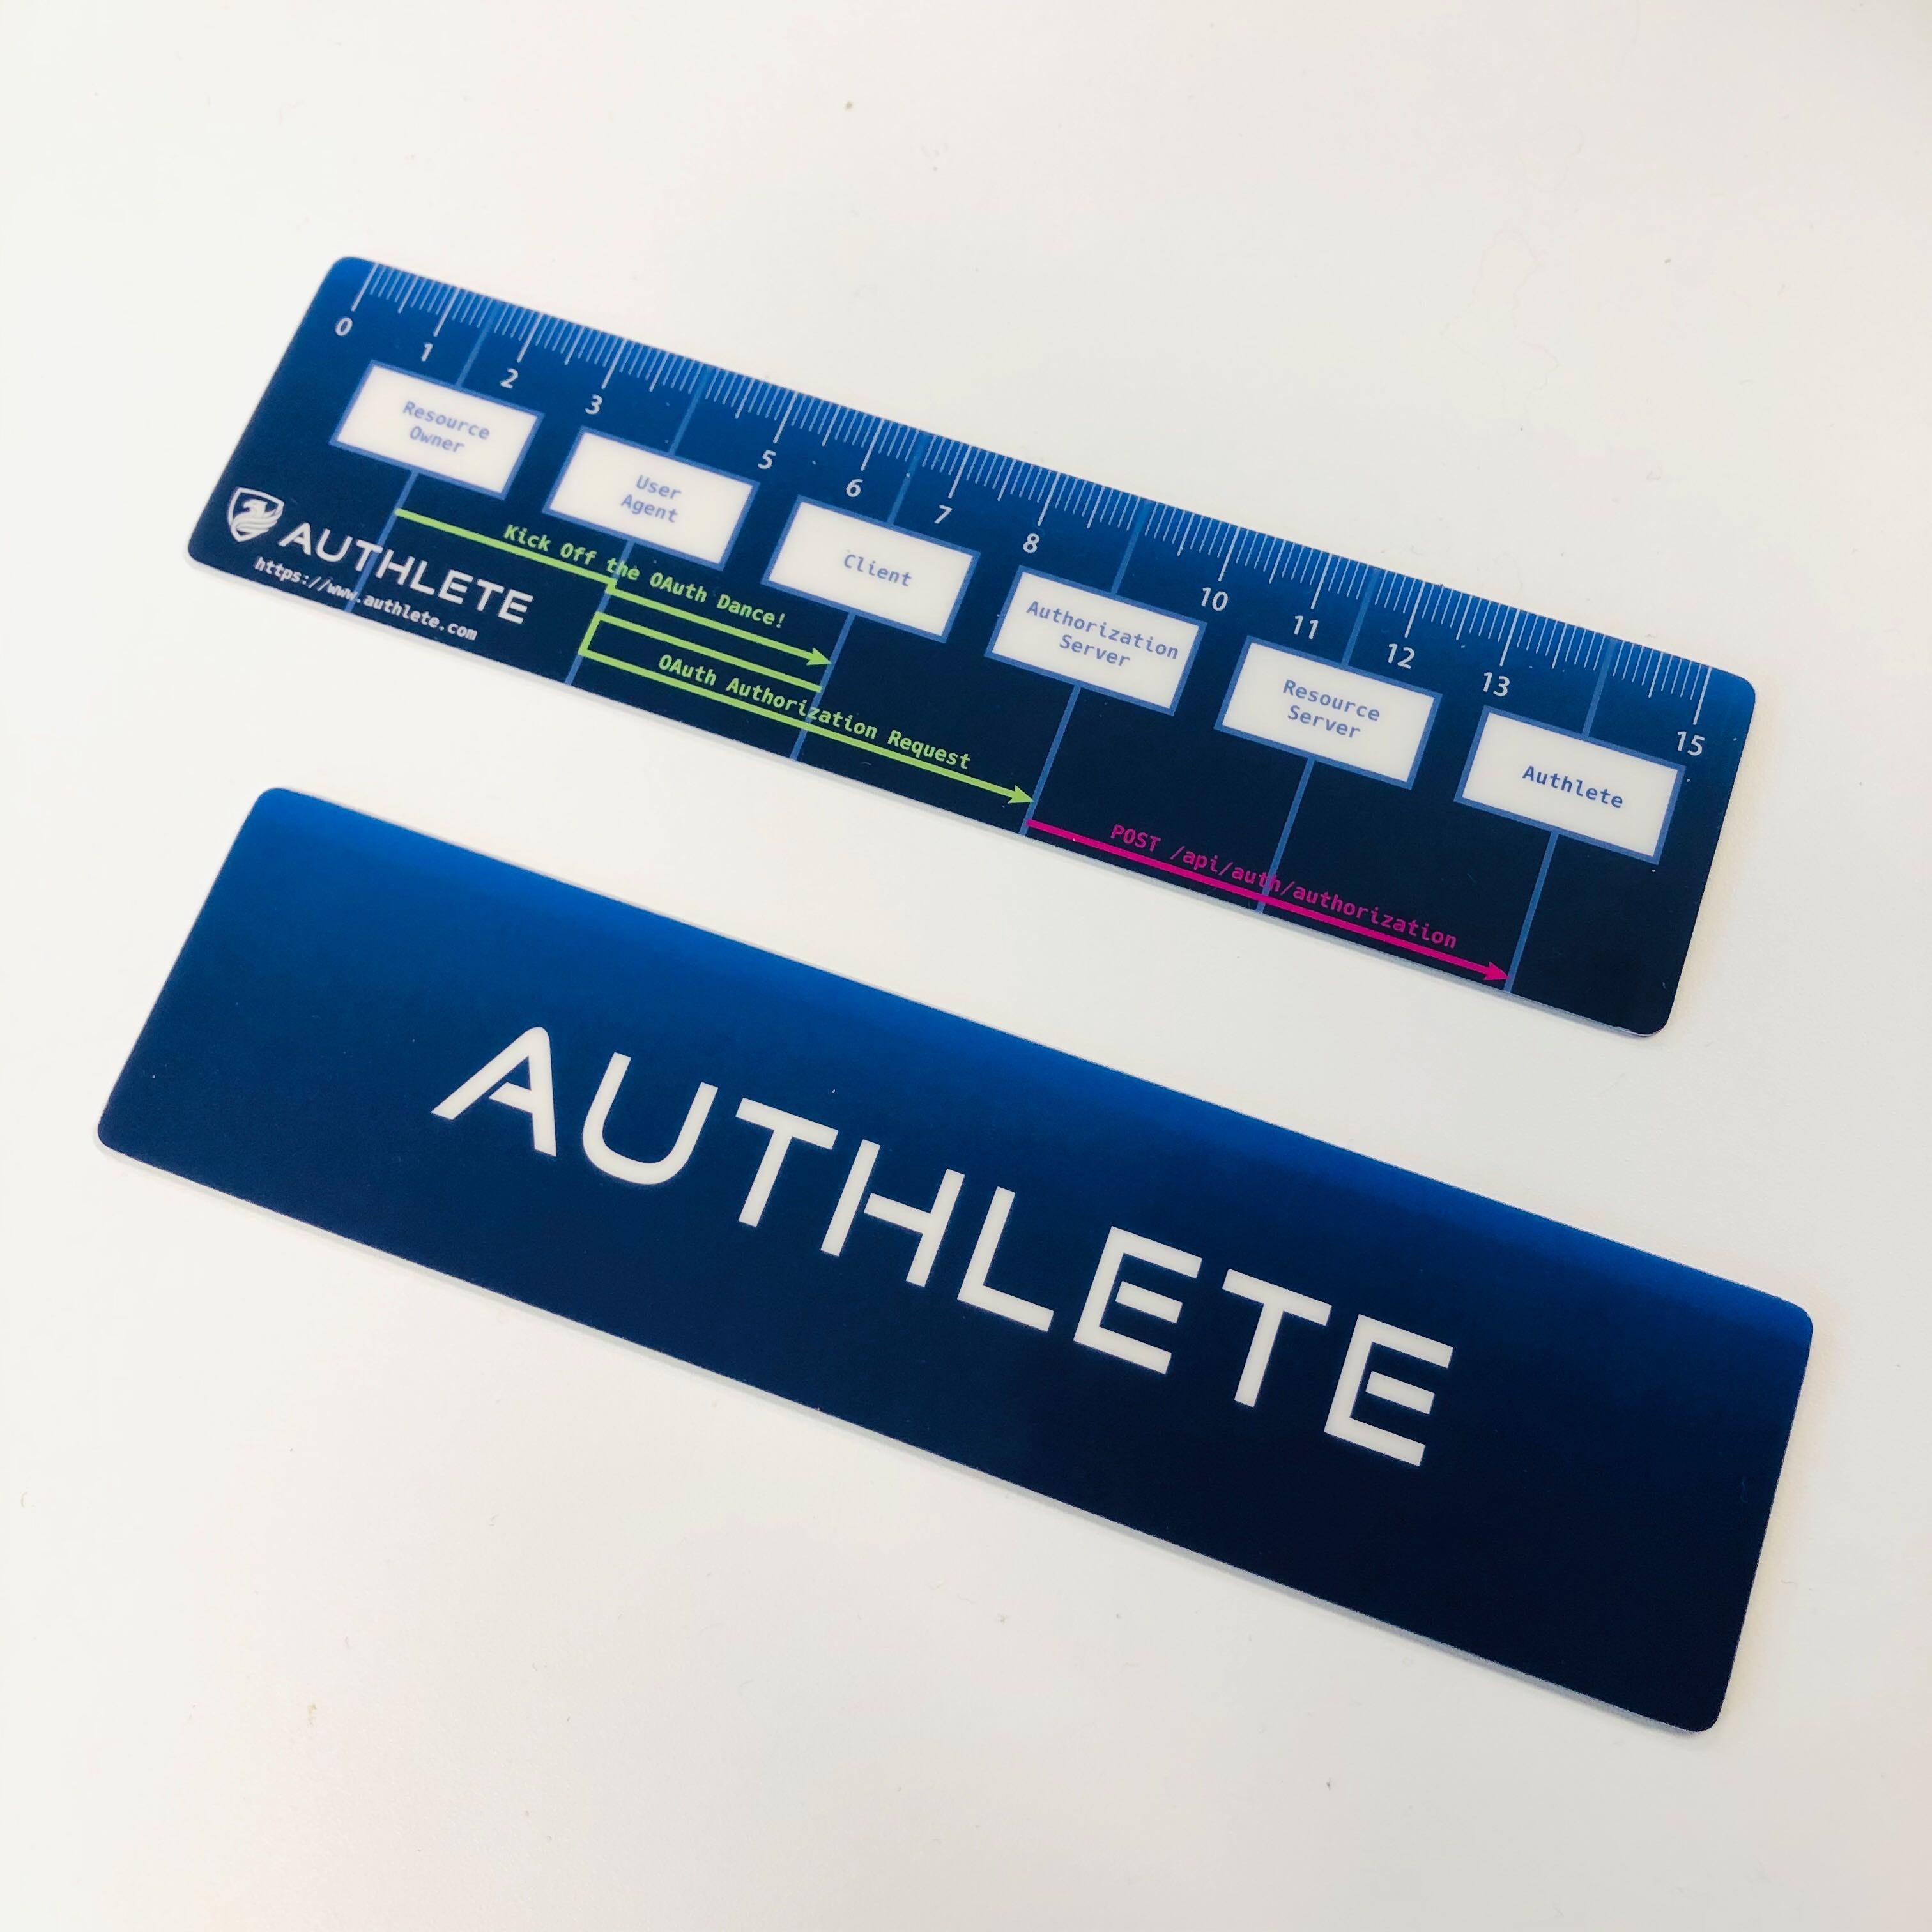 Authlete定規.jpg